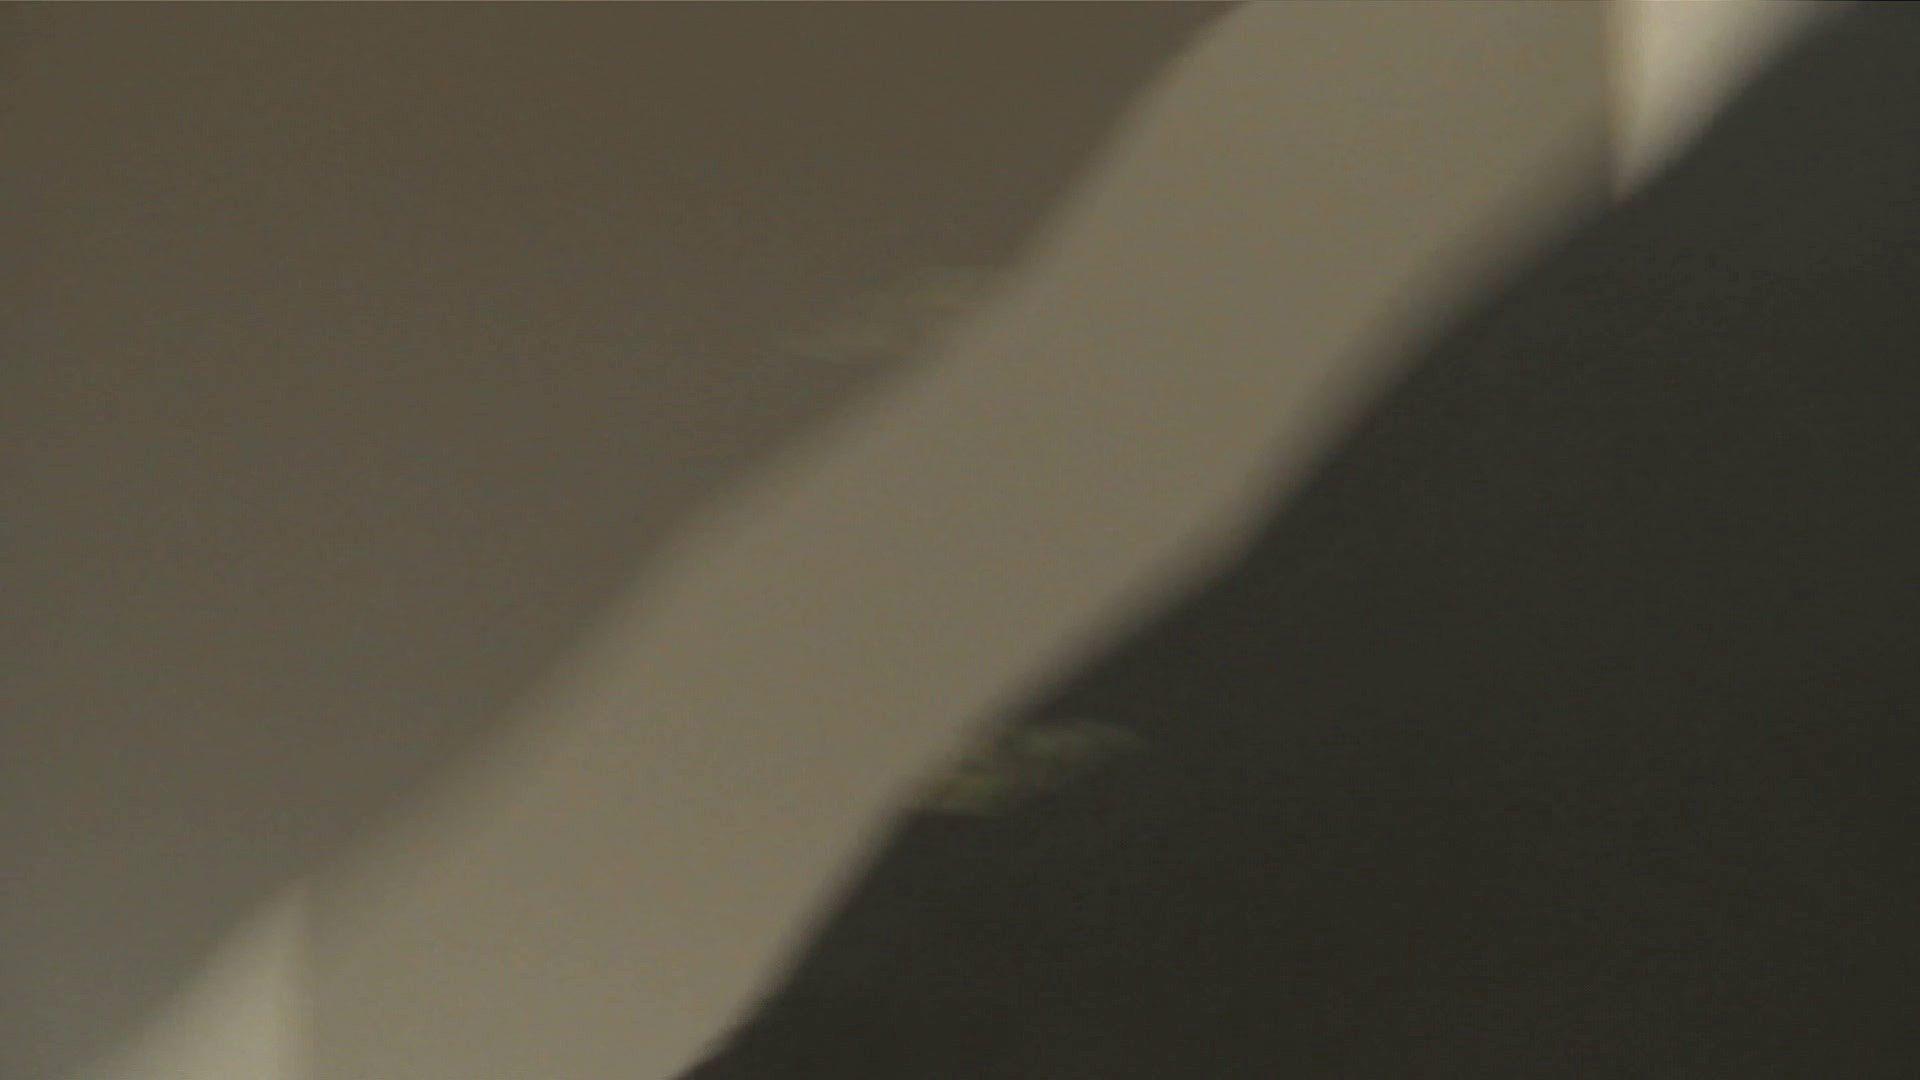 お市さんの「お尻丸出しジャンボリー」No.1 盛合せ ワレメ無修正動画無料 111枚 52